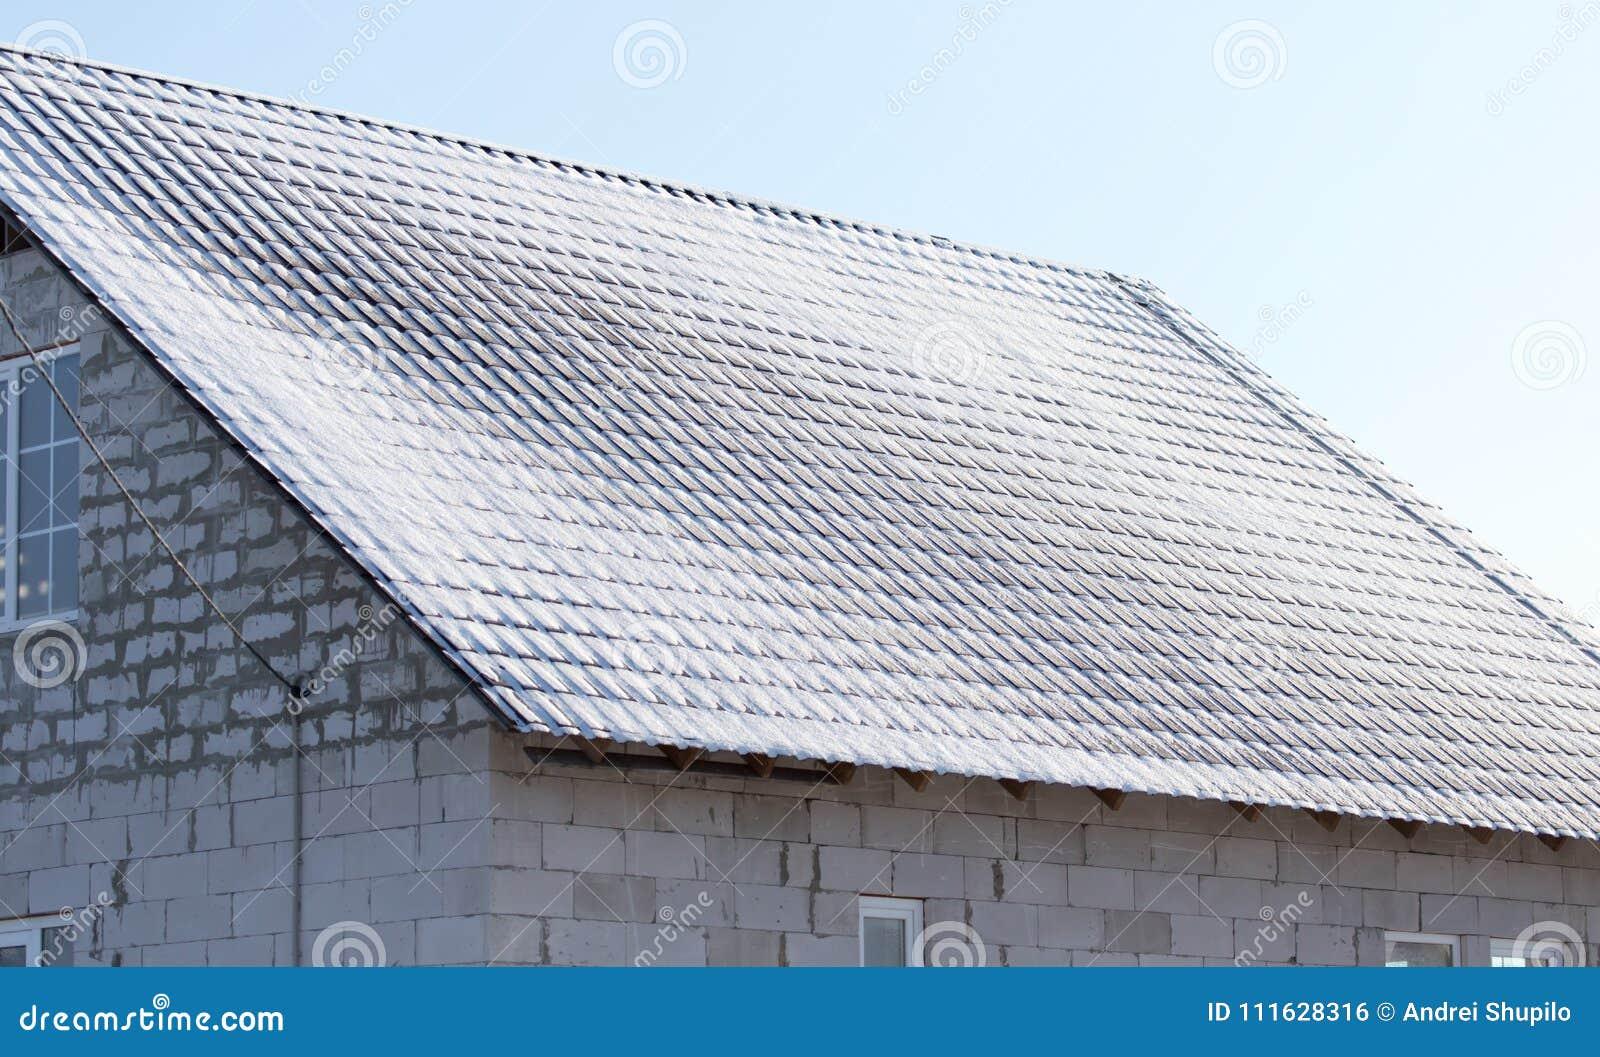 Χιόνι στη στέγη του σπιτιού το χειμώνα